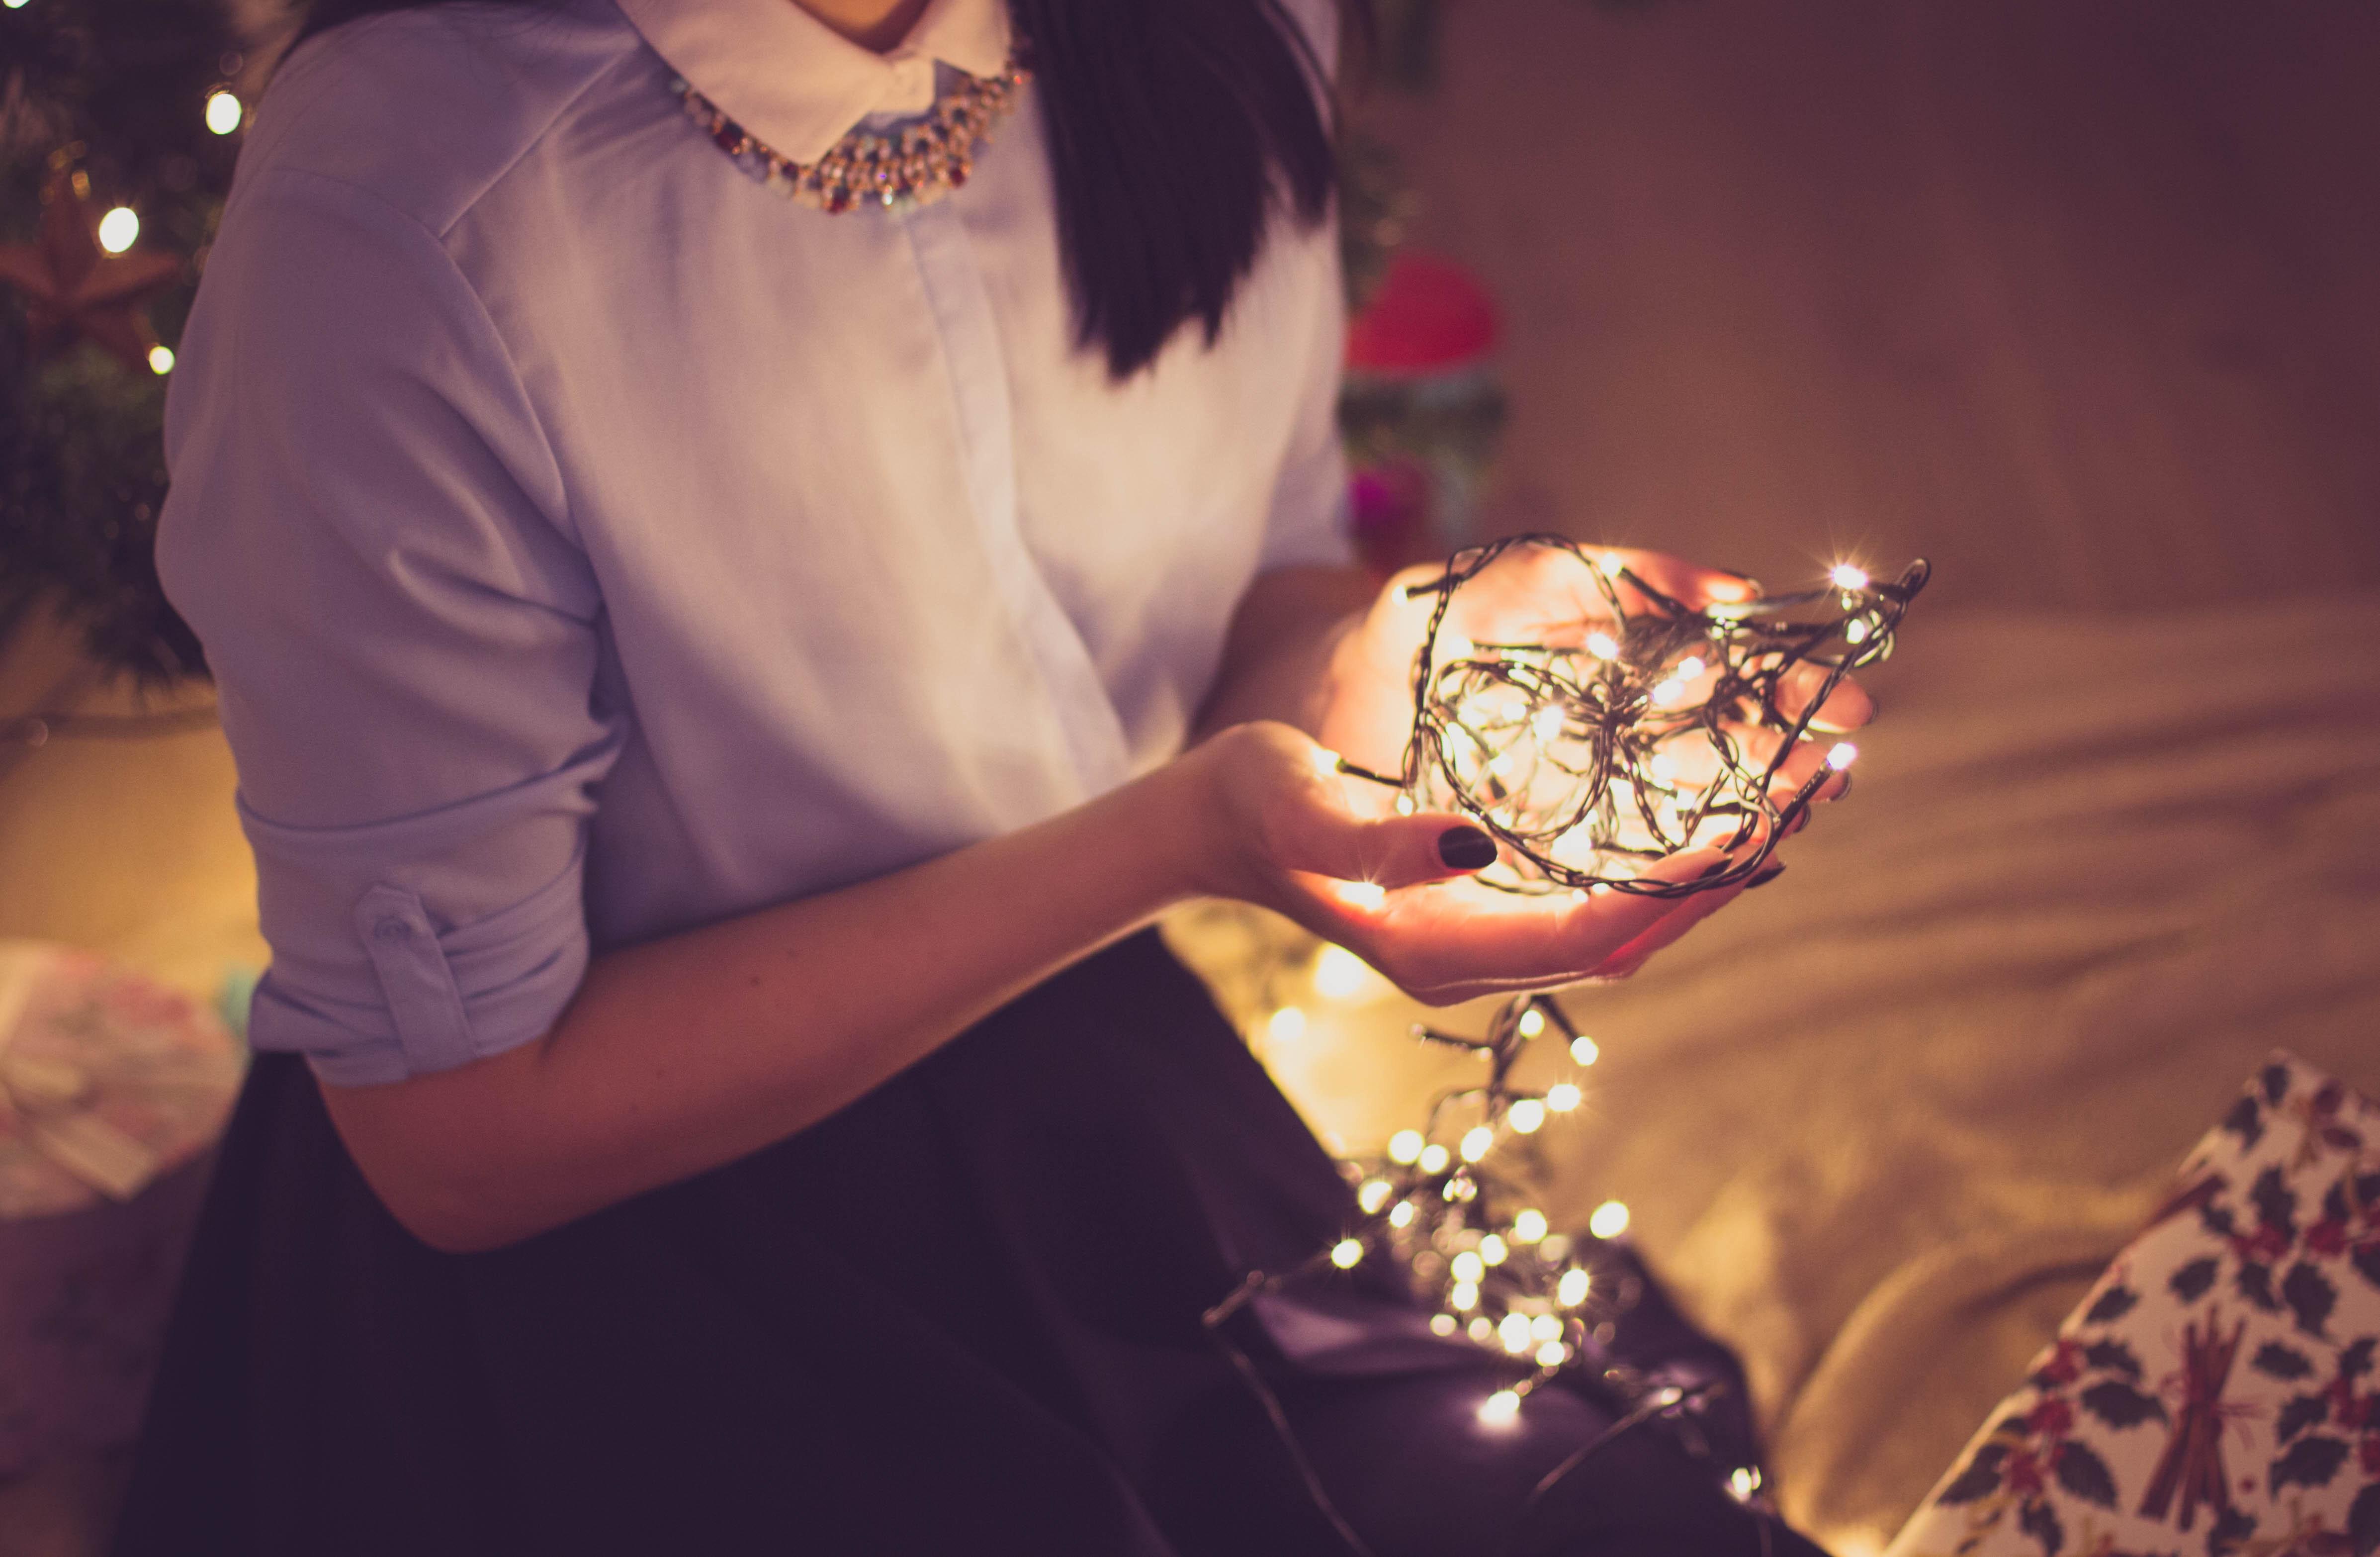 Kerstspullen opruimen zonder knopen